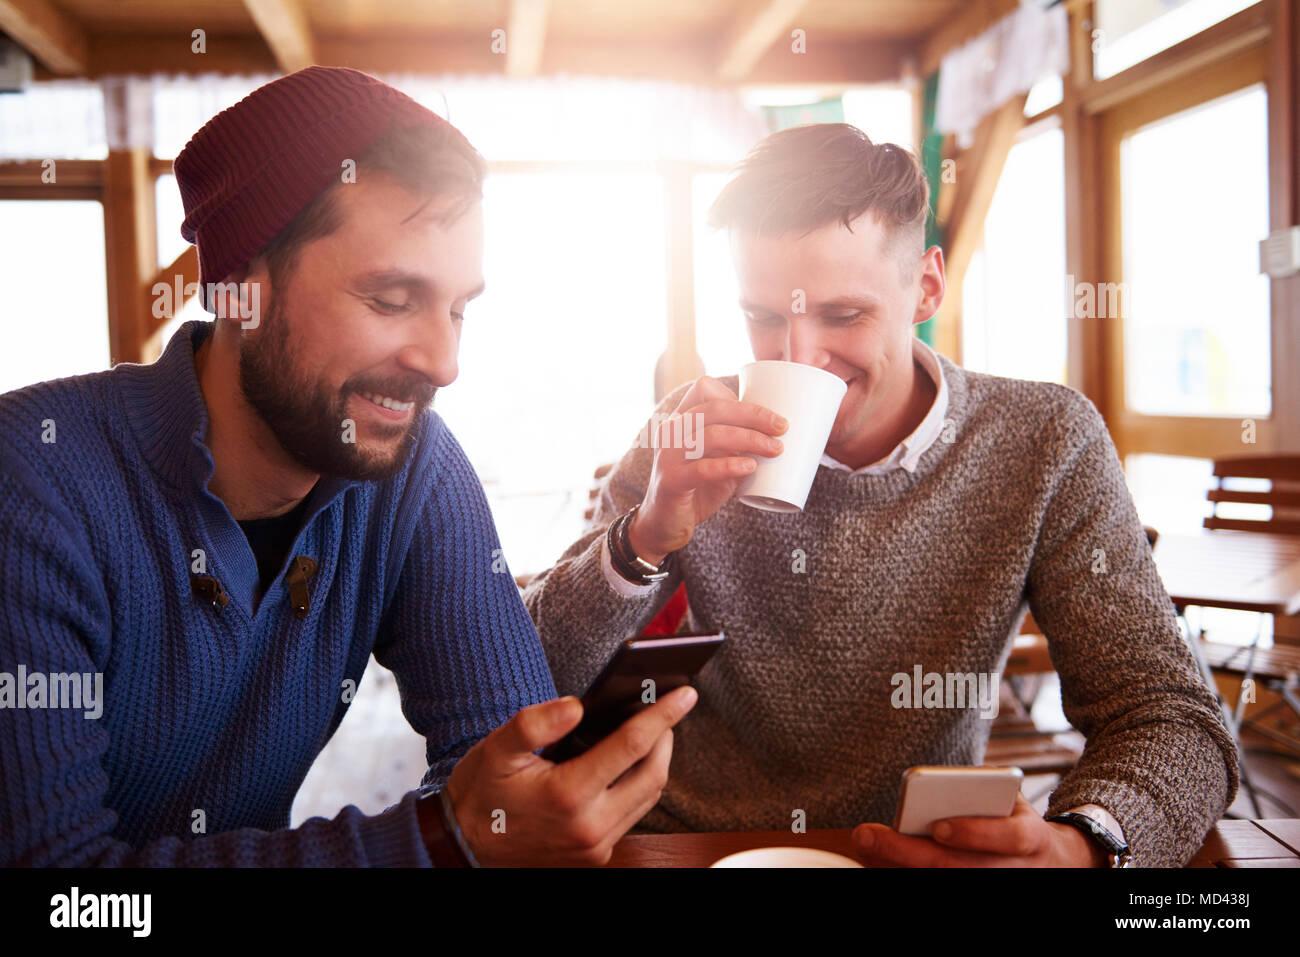 Los hombres jóvenes sonriendo a través de mensaje de texto en los teléfonos móviles Imagen De Stock